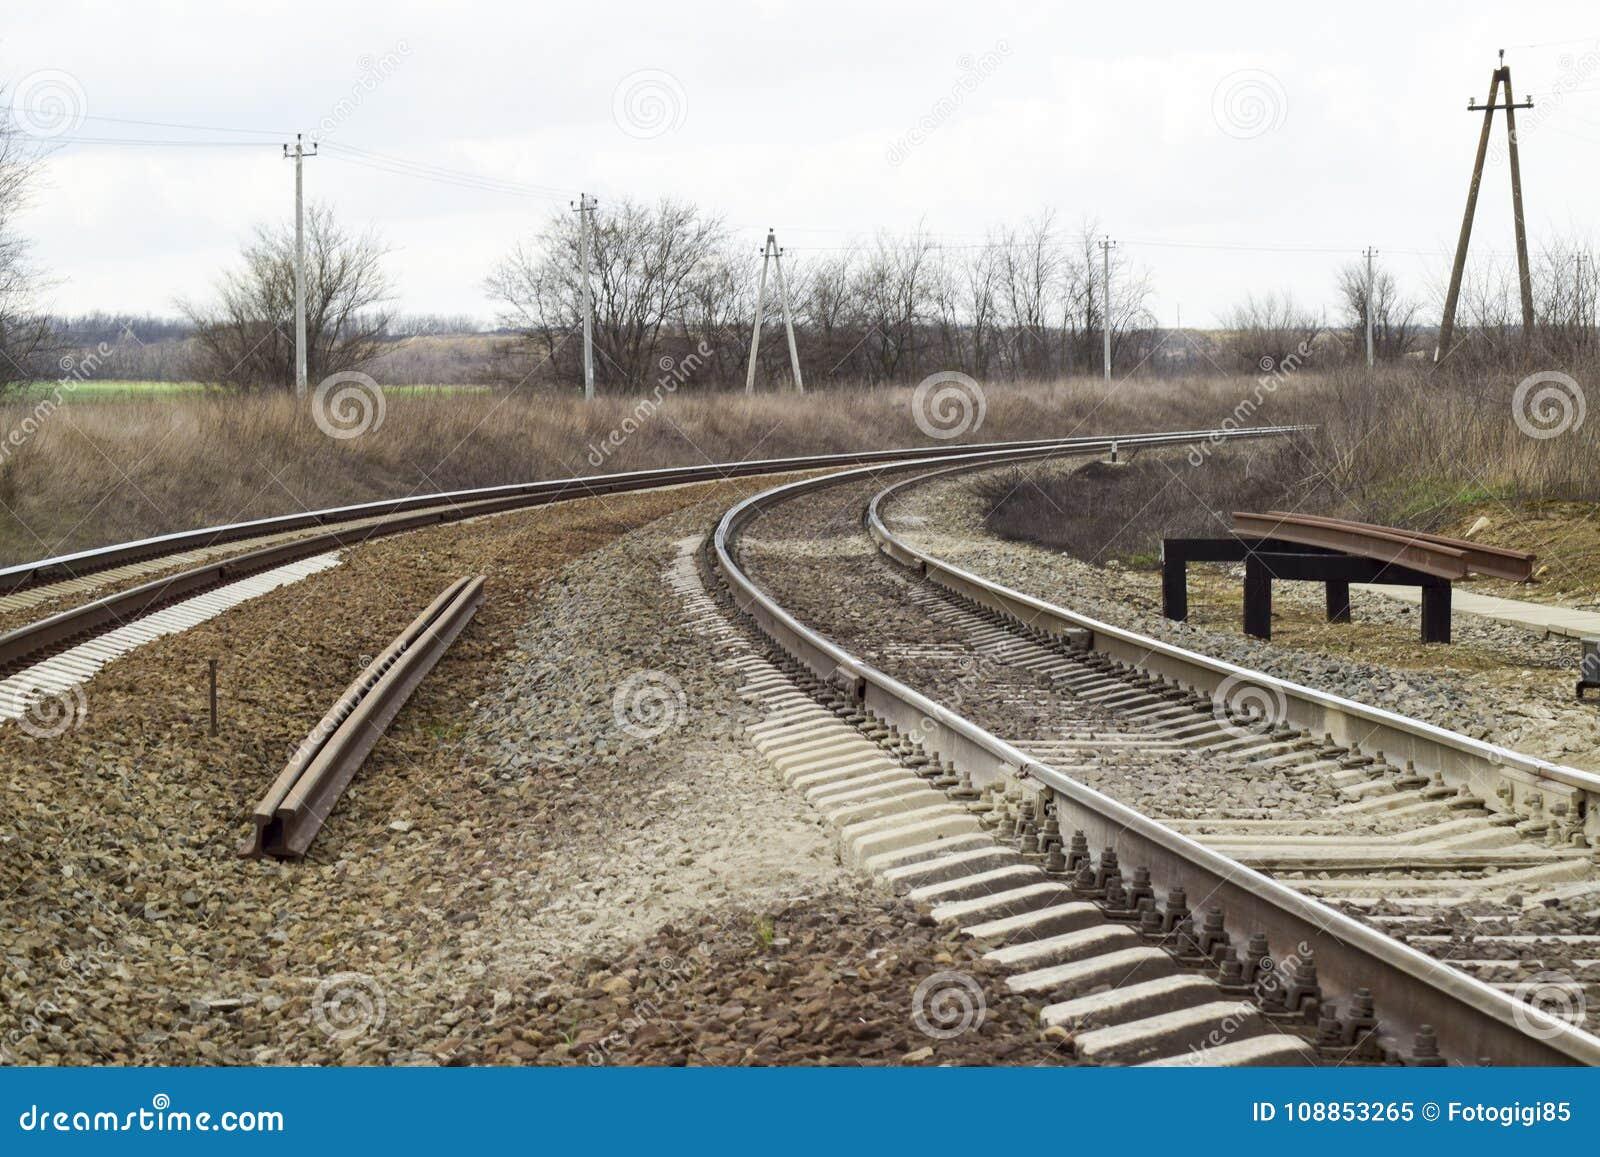 Railways Железная дорога для поездов Стальные рельсы